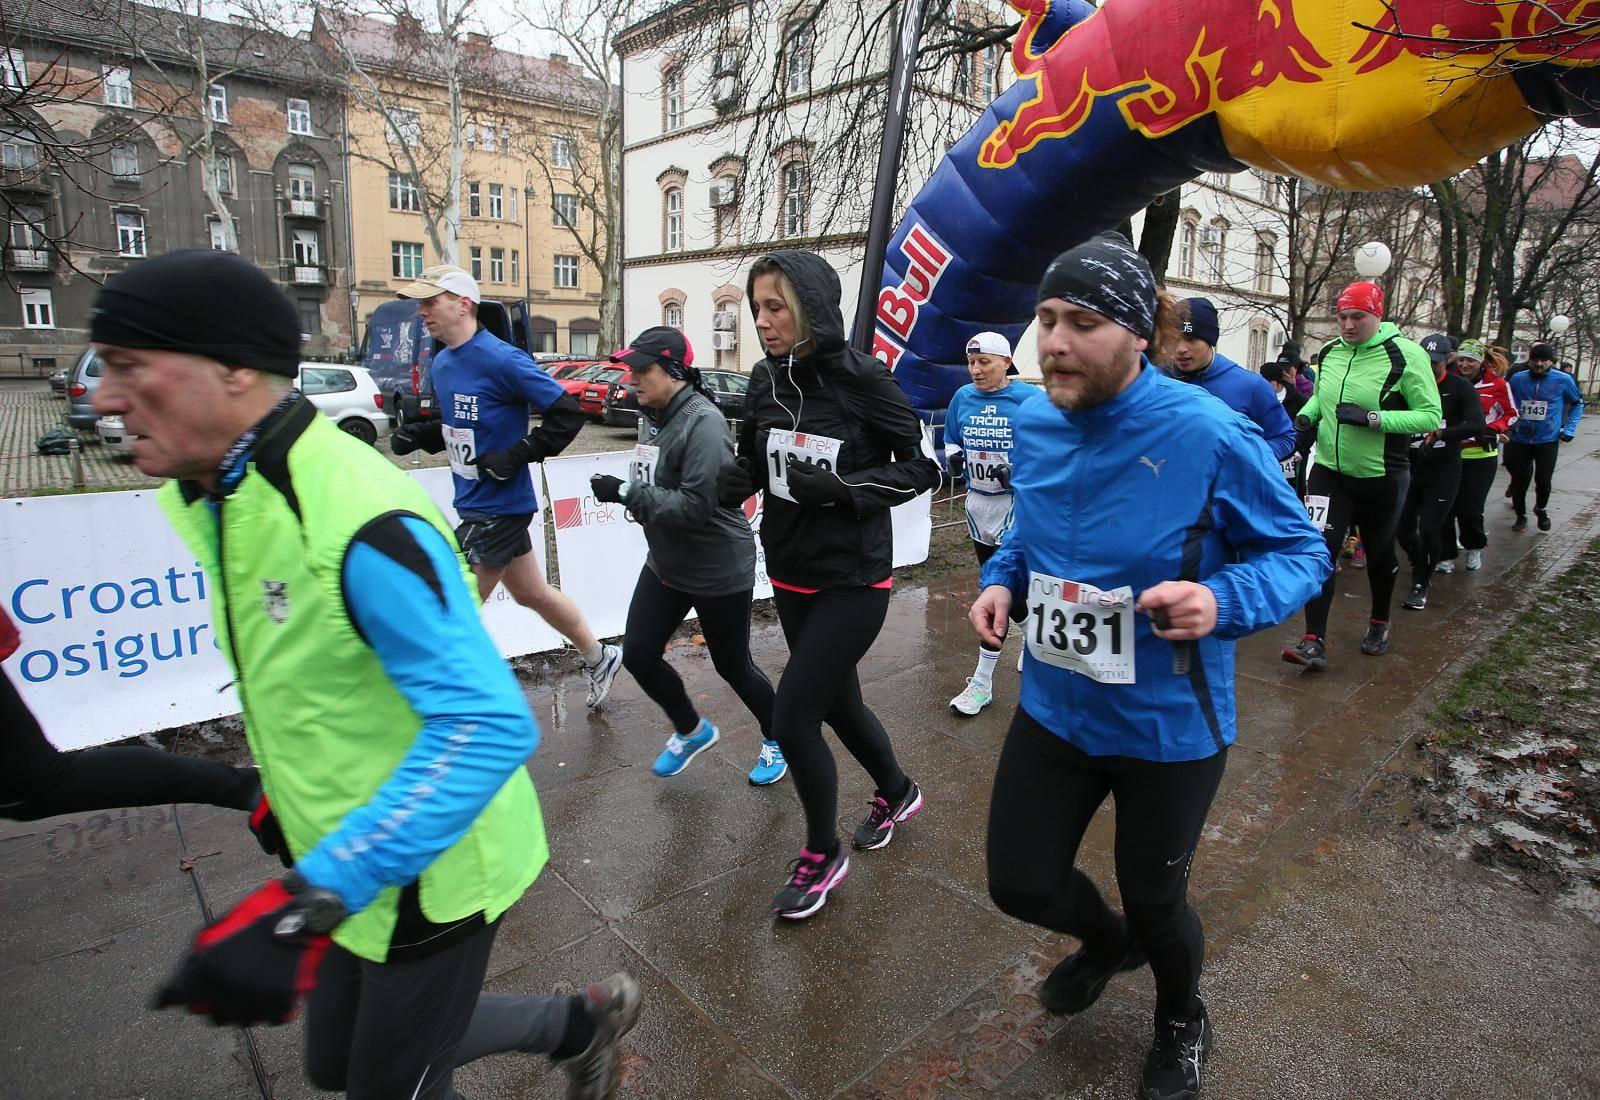 Izbjegnite gužvu: U Zagrebu se zatvara dio ulica zbog utrke